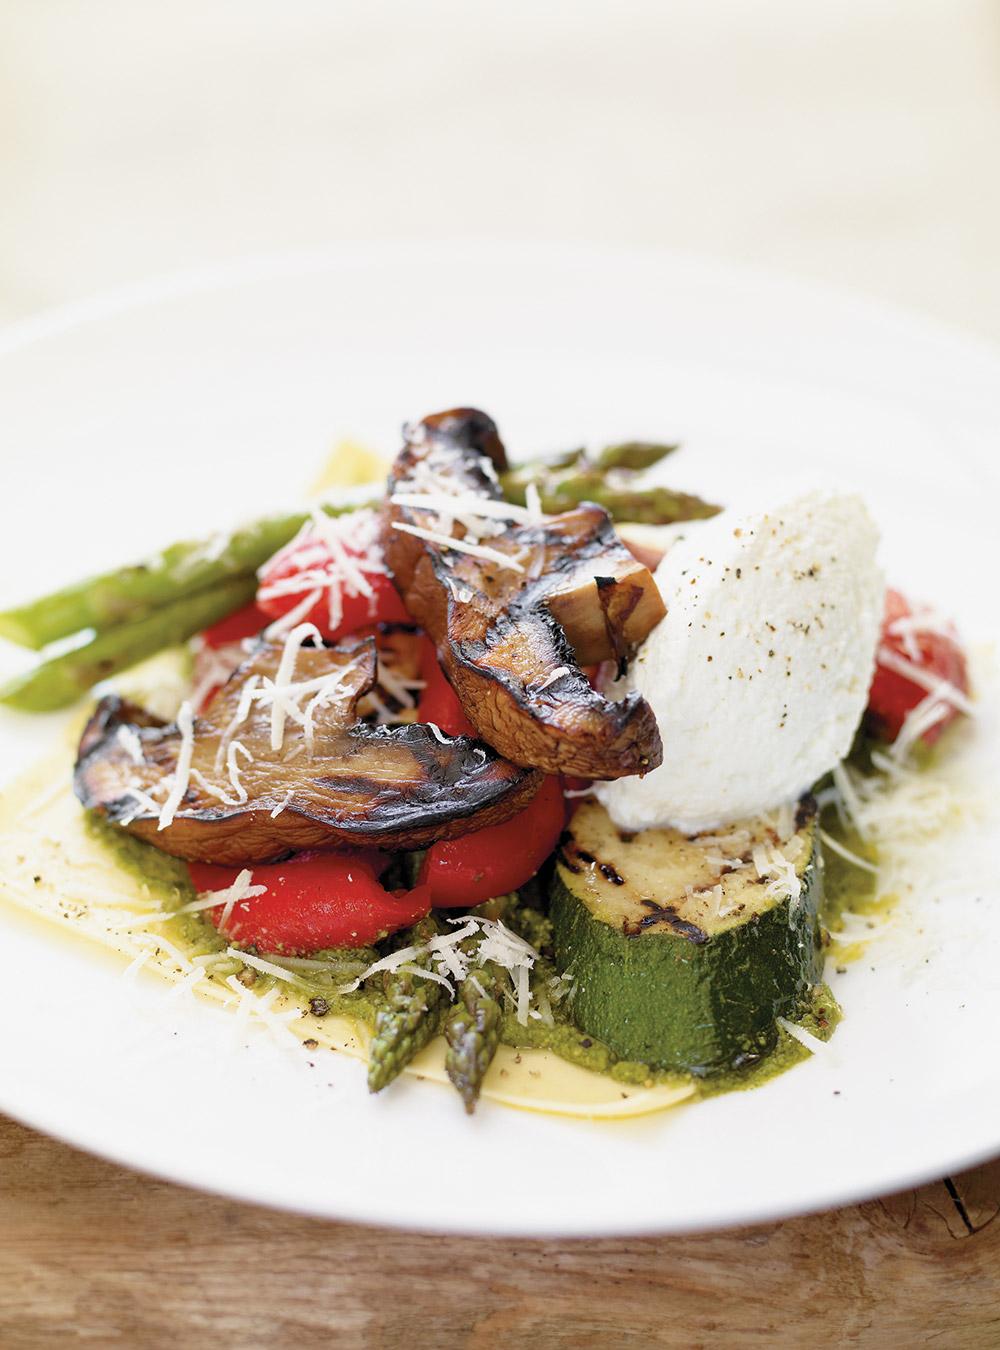 Recette salade de l gumes grill s sur feuille de lasagne glouton - Antipasti legumes grilles ...